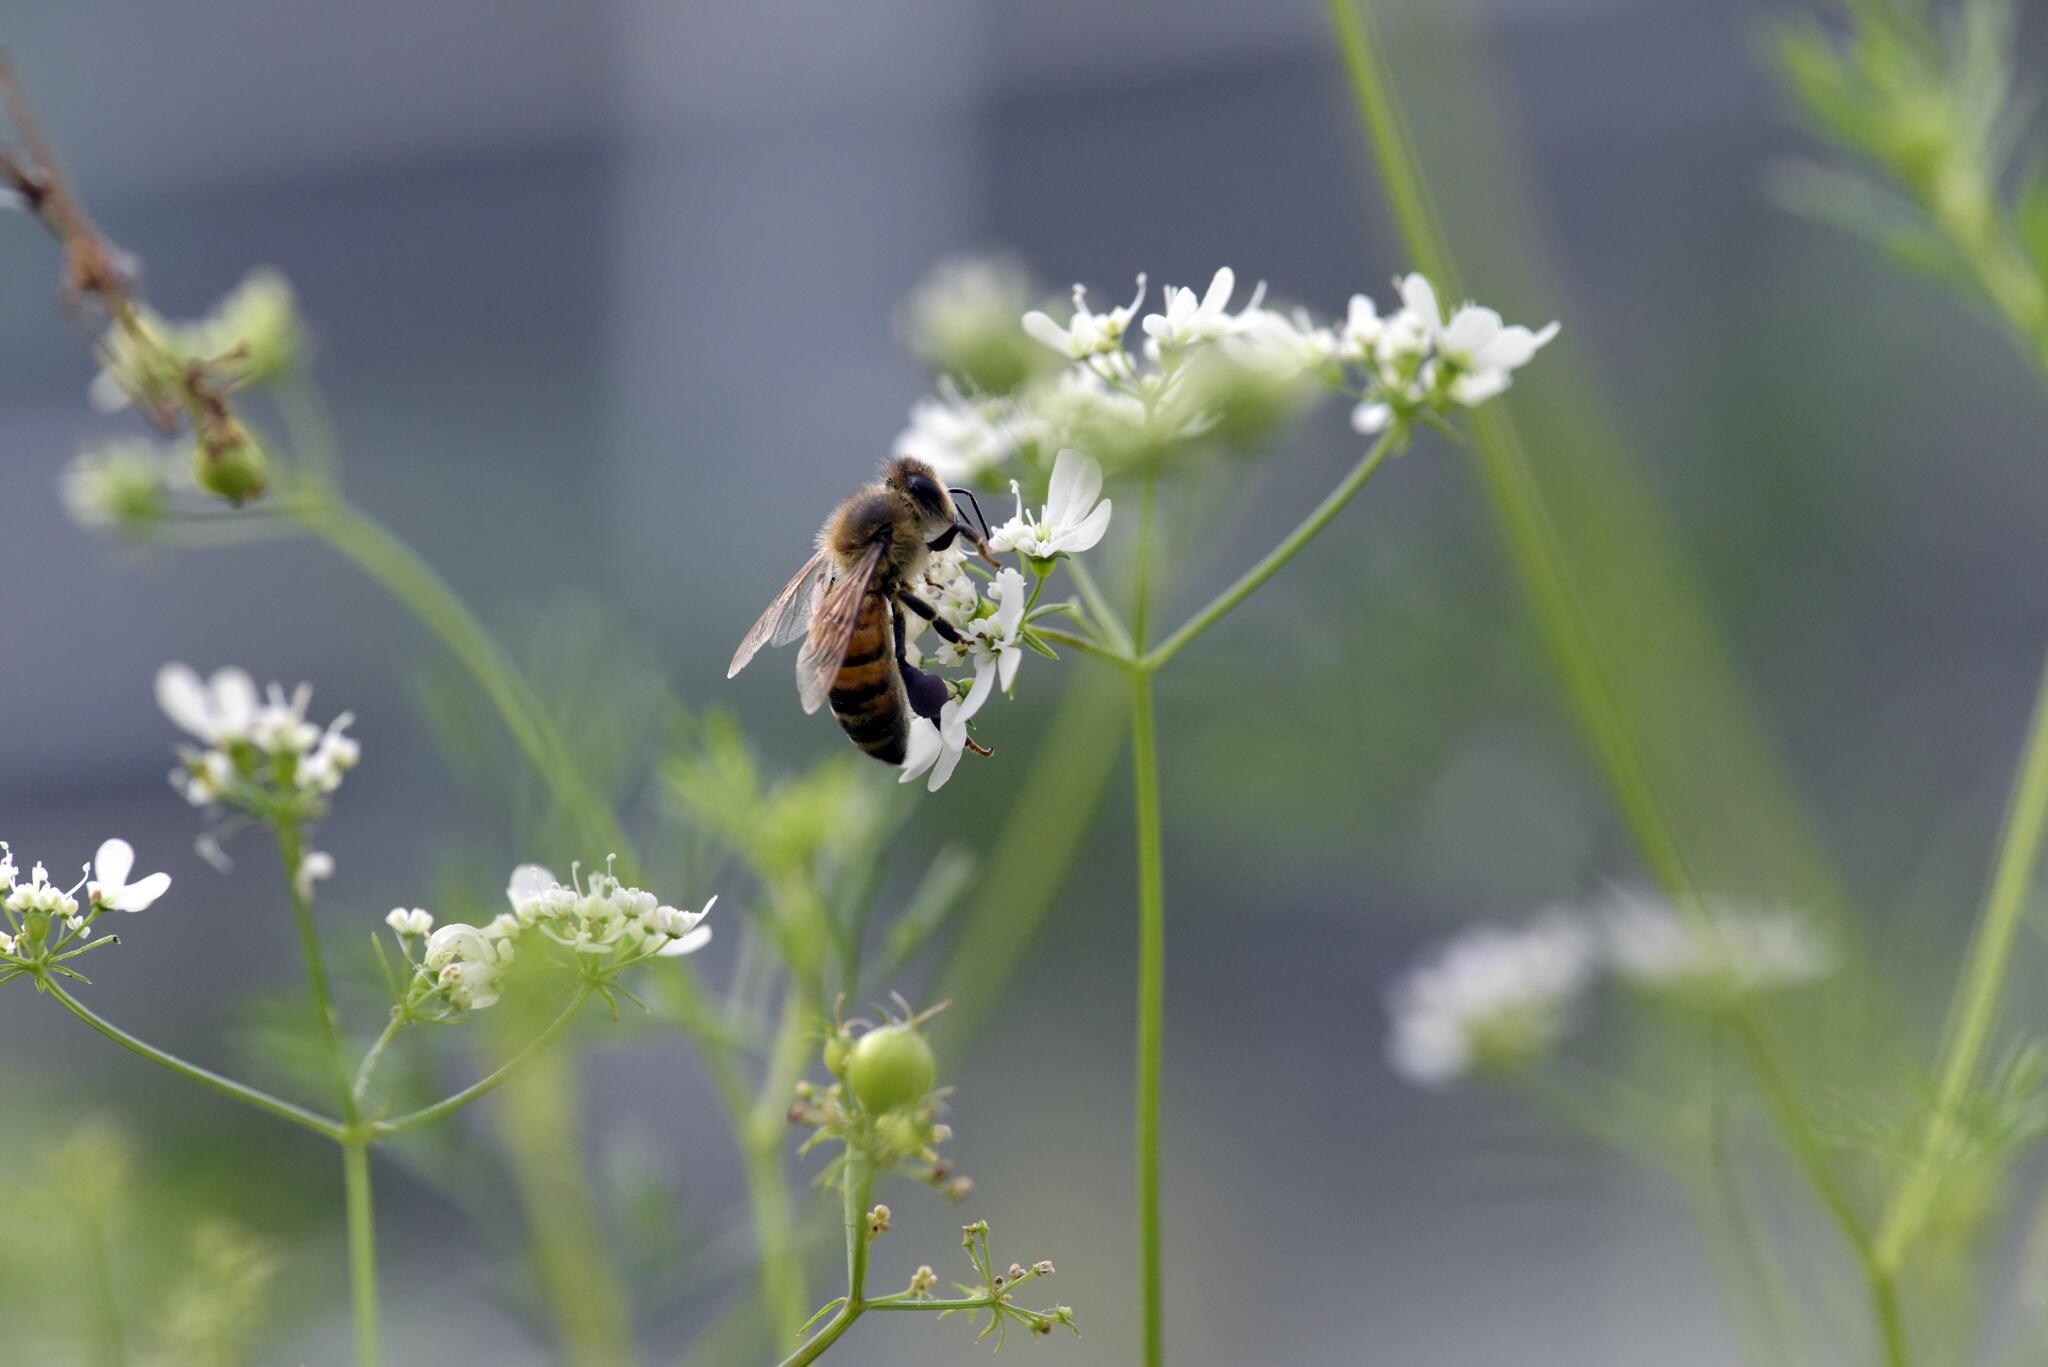 Ảnh minh họa: Nhiều loài côn trùng cũng có nguy cơ bị biến mất do tình trạng lạm dụng thuốc trừ sâu.